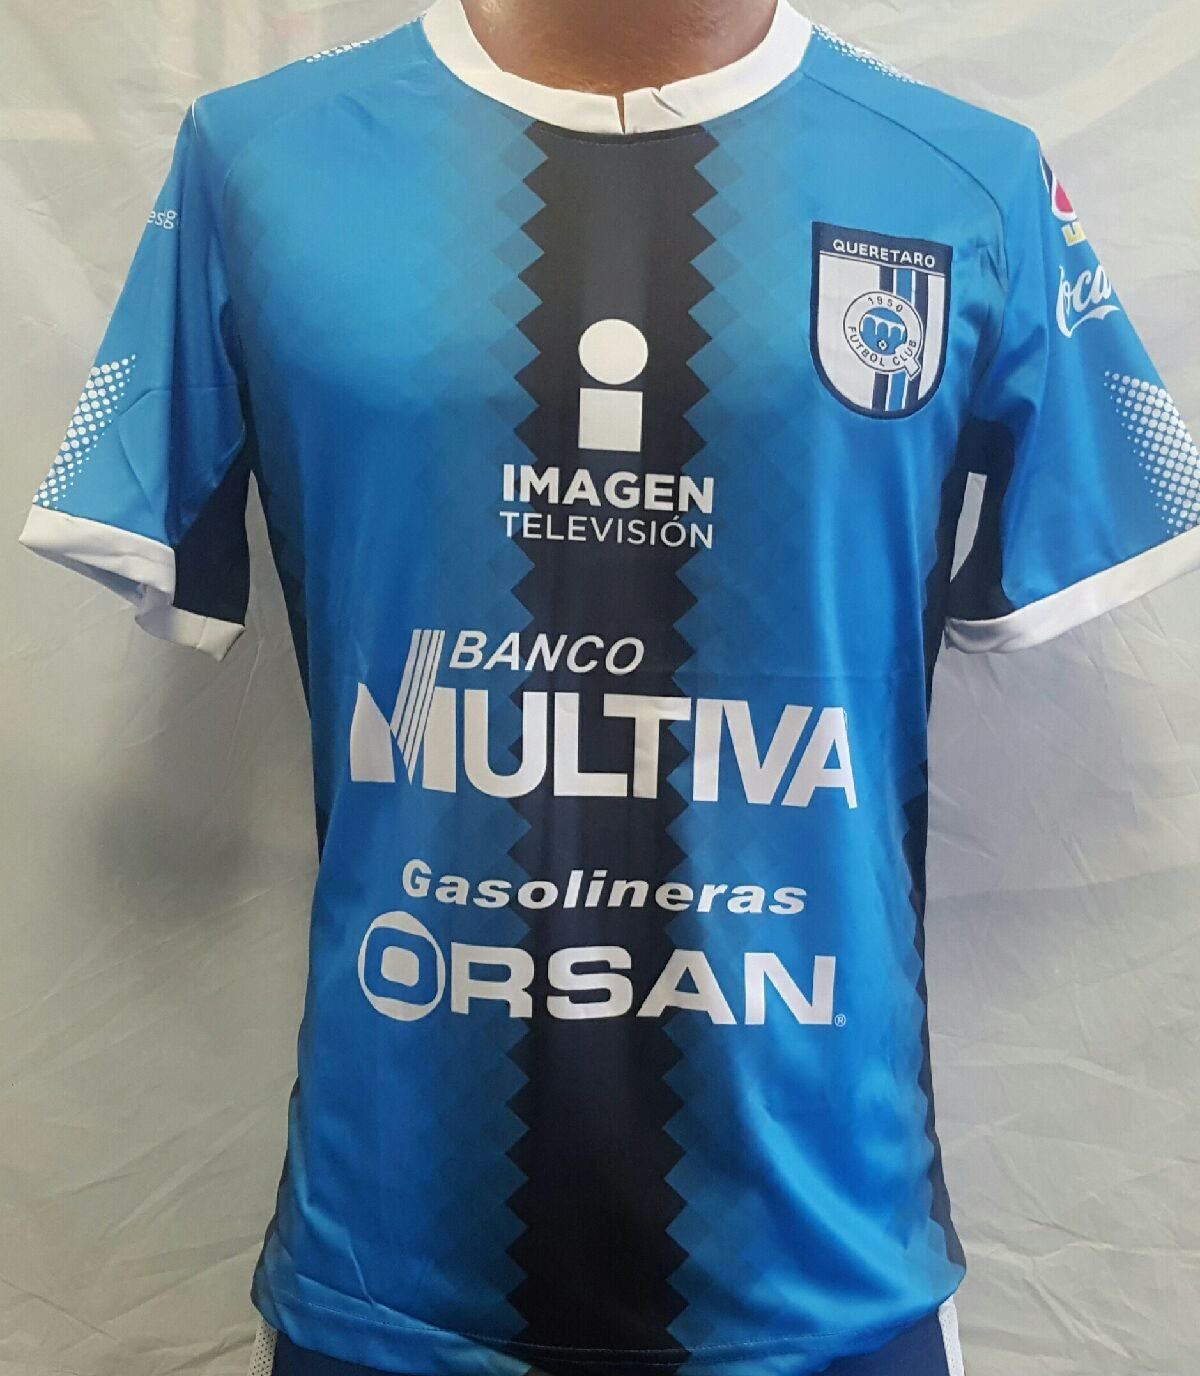 新しい。Club Deportivo Queretaro FC GallosホームGenericaジャージサイズS B07B2CFS1Q